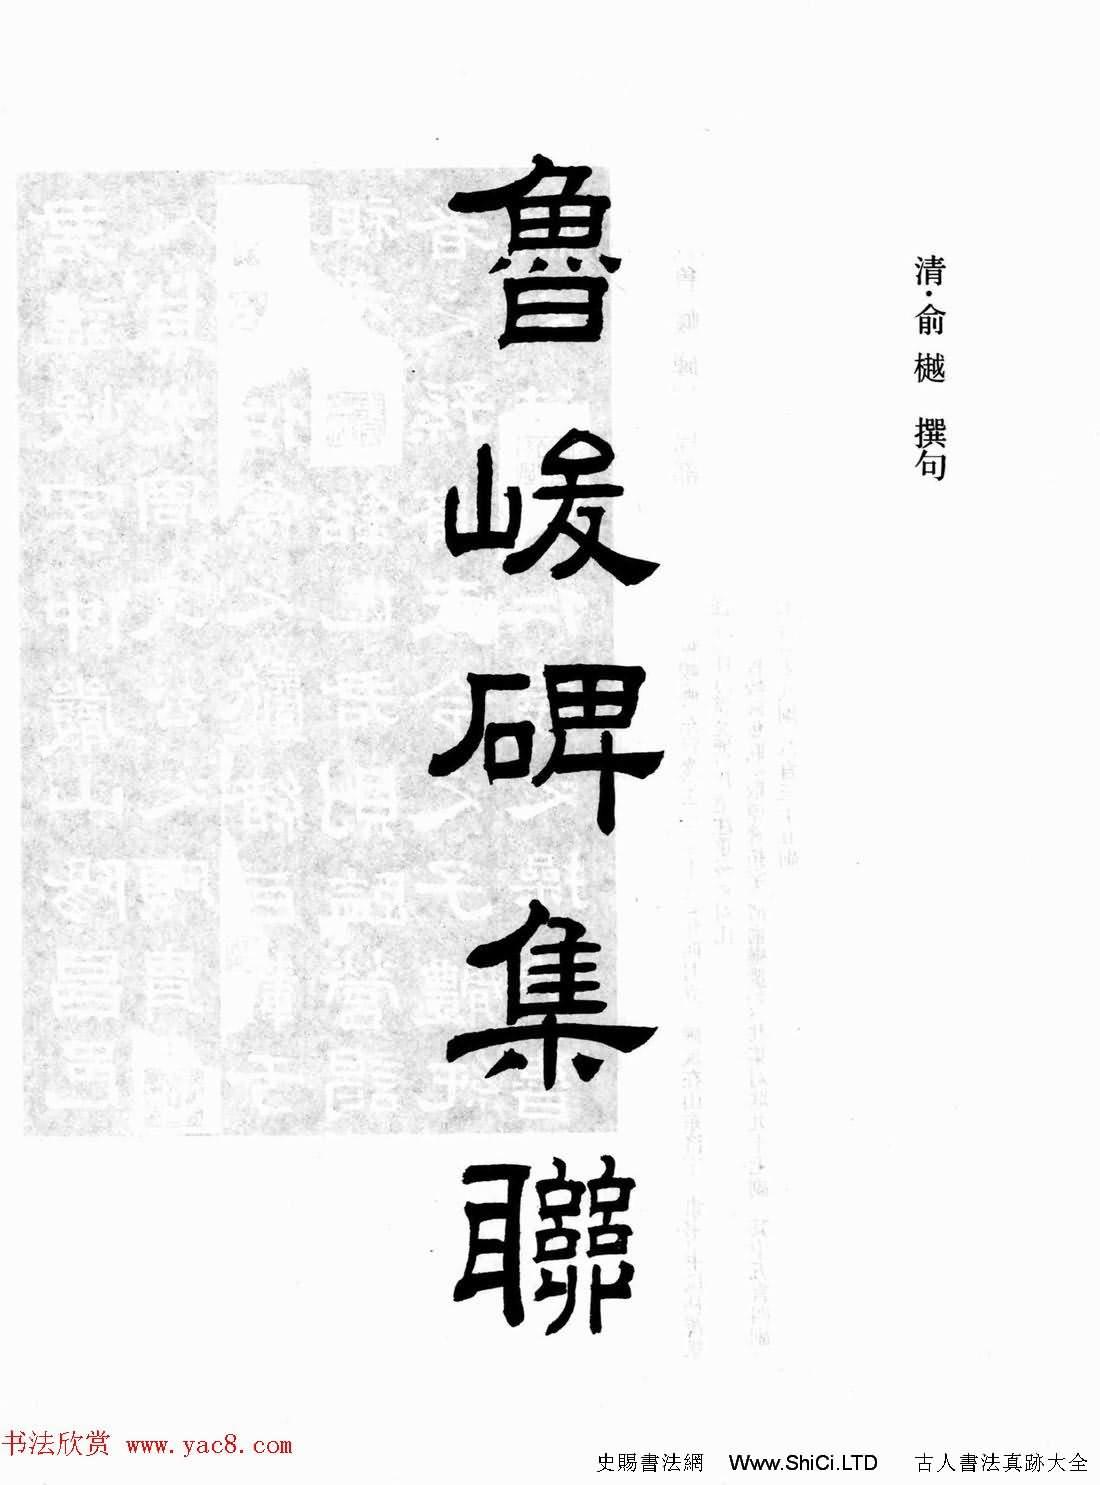 漢刻隸書集聯真跡欣賞《魯峻碑集聯》(共41張圖片)